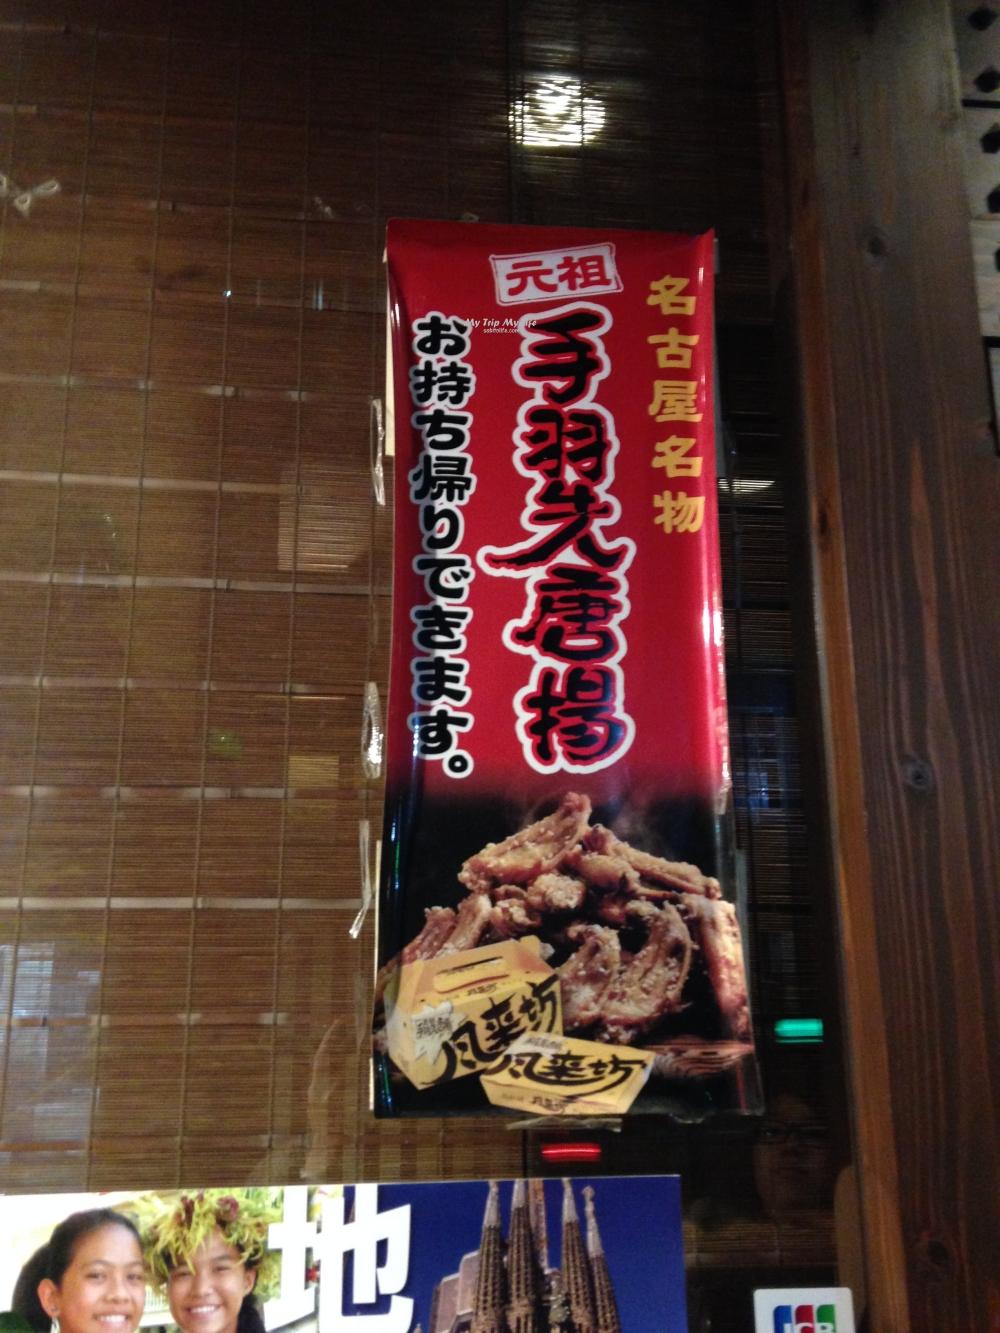 【日本旅行】名古屋 – 大須觀音商店街美食「巴西烤雞」、「小倉吐司」,外加風來坊「手羽先」 @MY TRIP ‧ MY LIFE